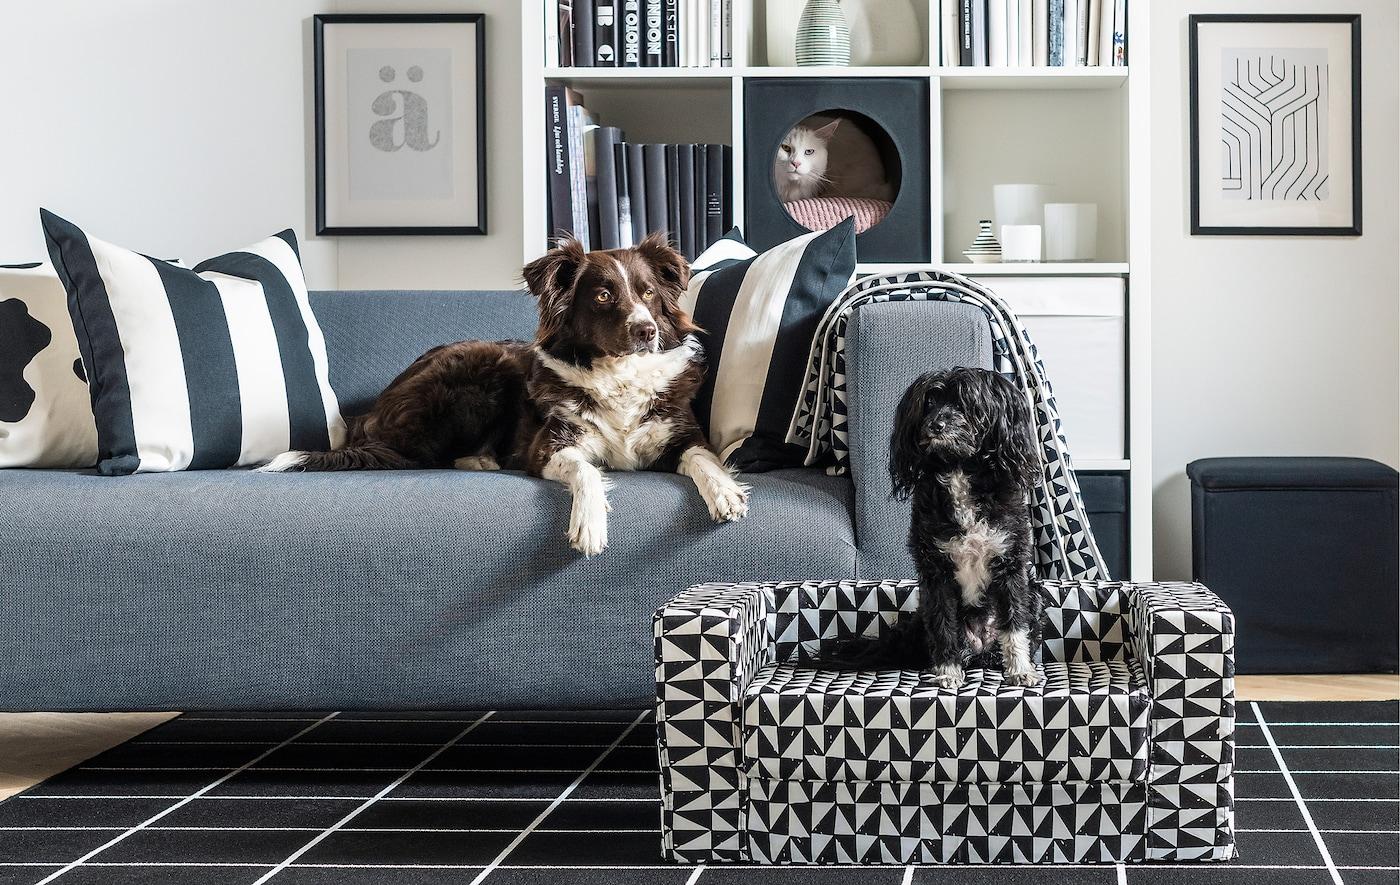 Enterijer dnevne sobe, pas leži na sofi, drugi pas je na sofi za ljubimce ispred; mačka viri iz kućice za mačke na biblioteci.